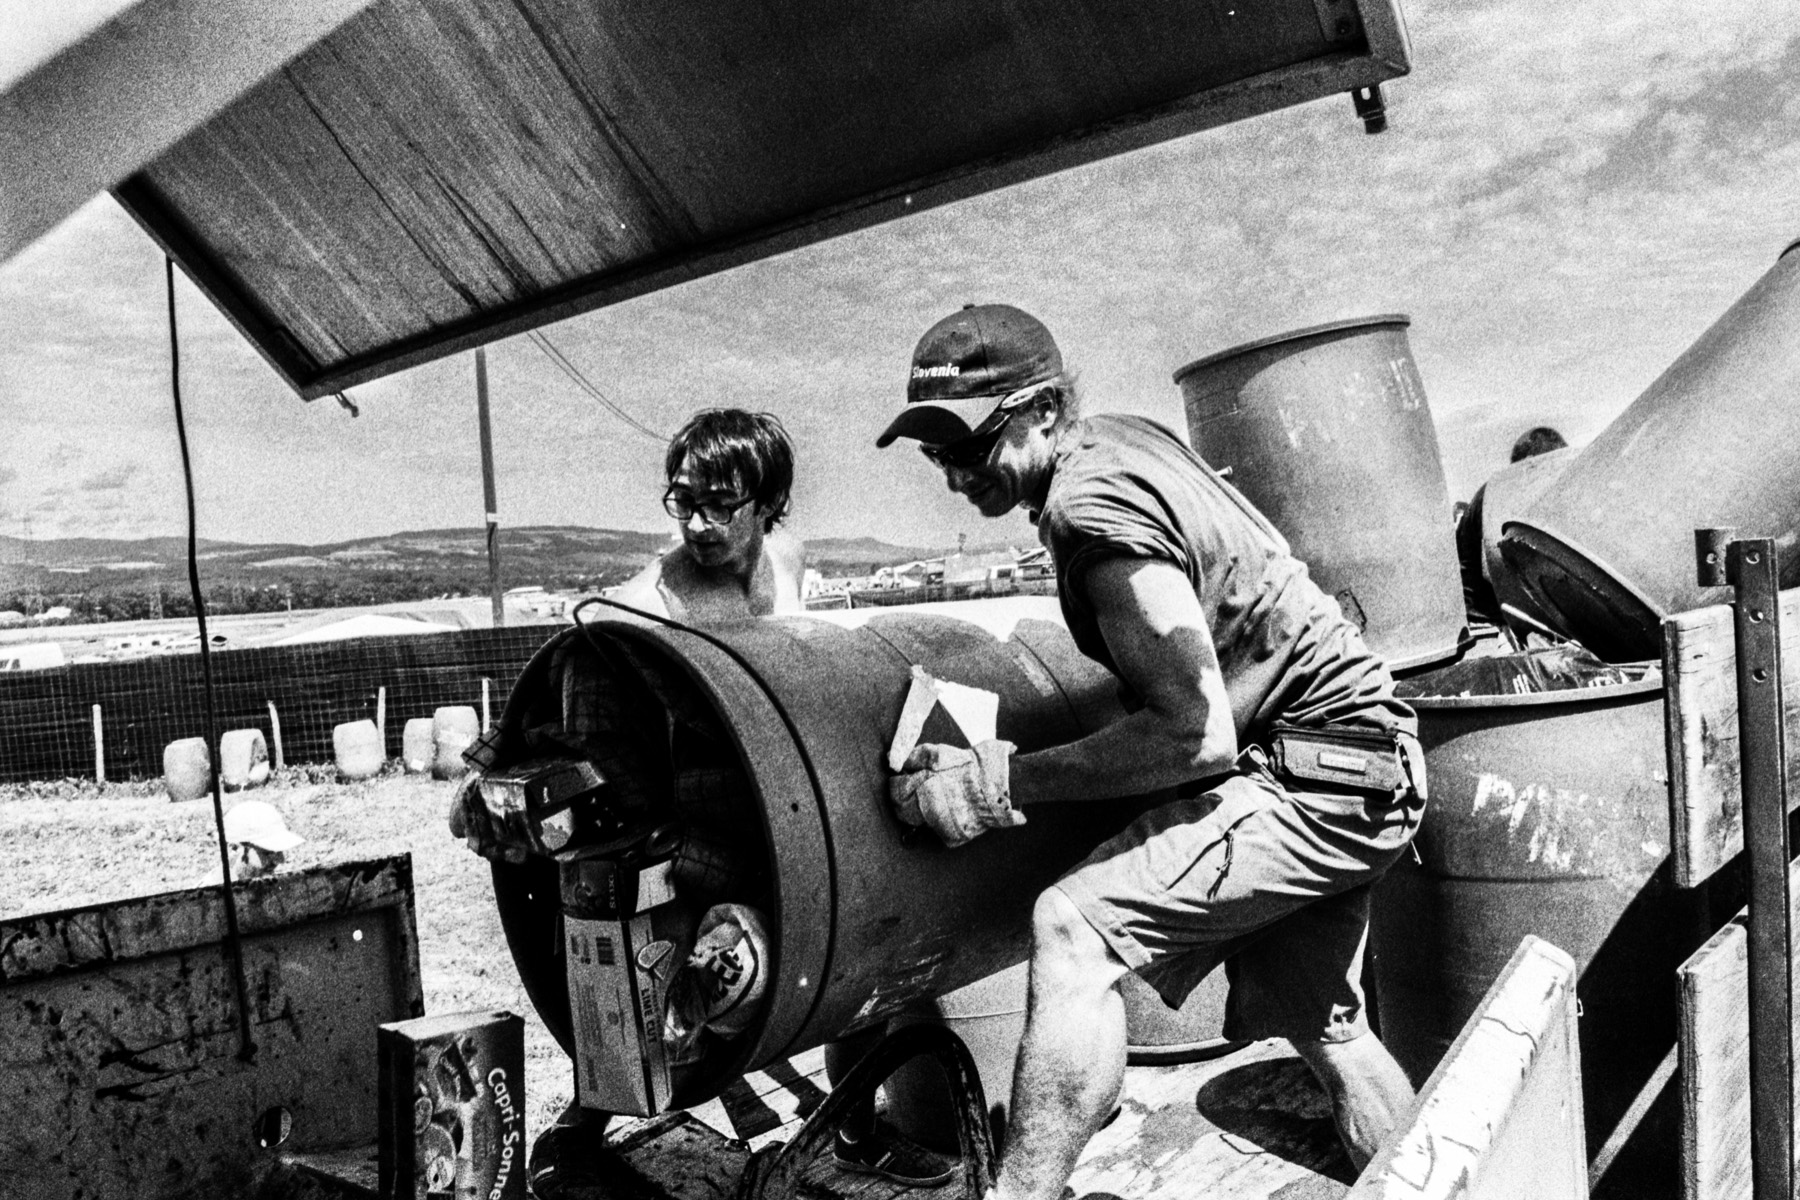 Réalisation d'un Web-documentaire sur la vie des nettoyeurs bénévoles du Paléo Festival de Nyon